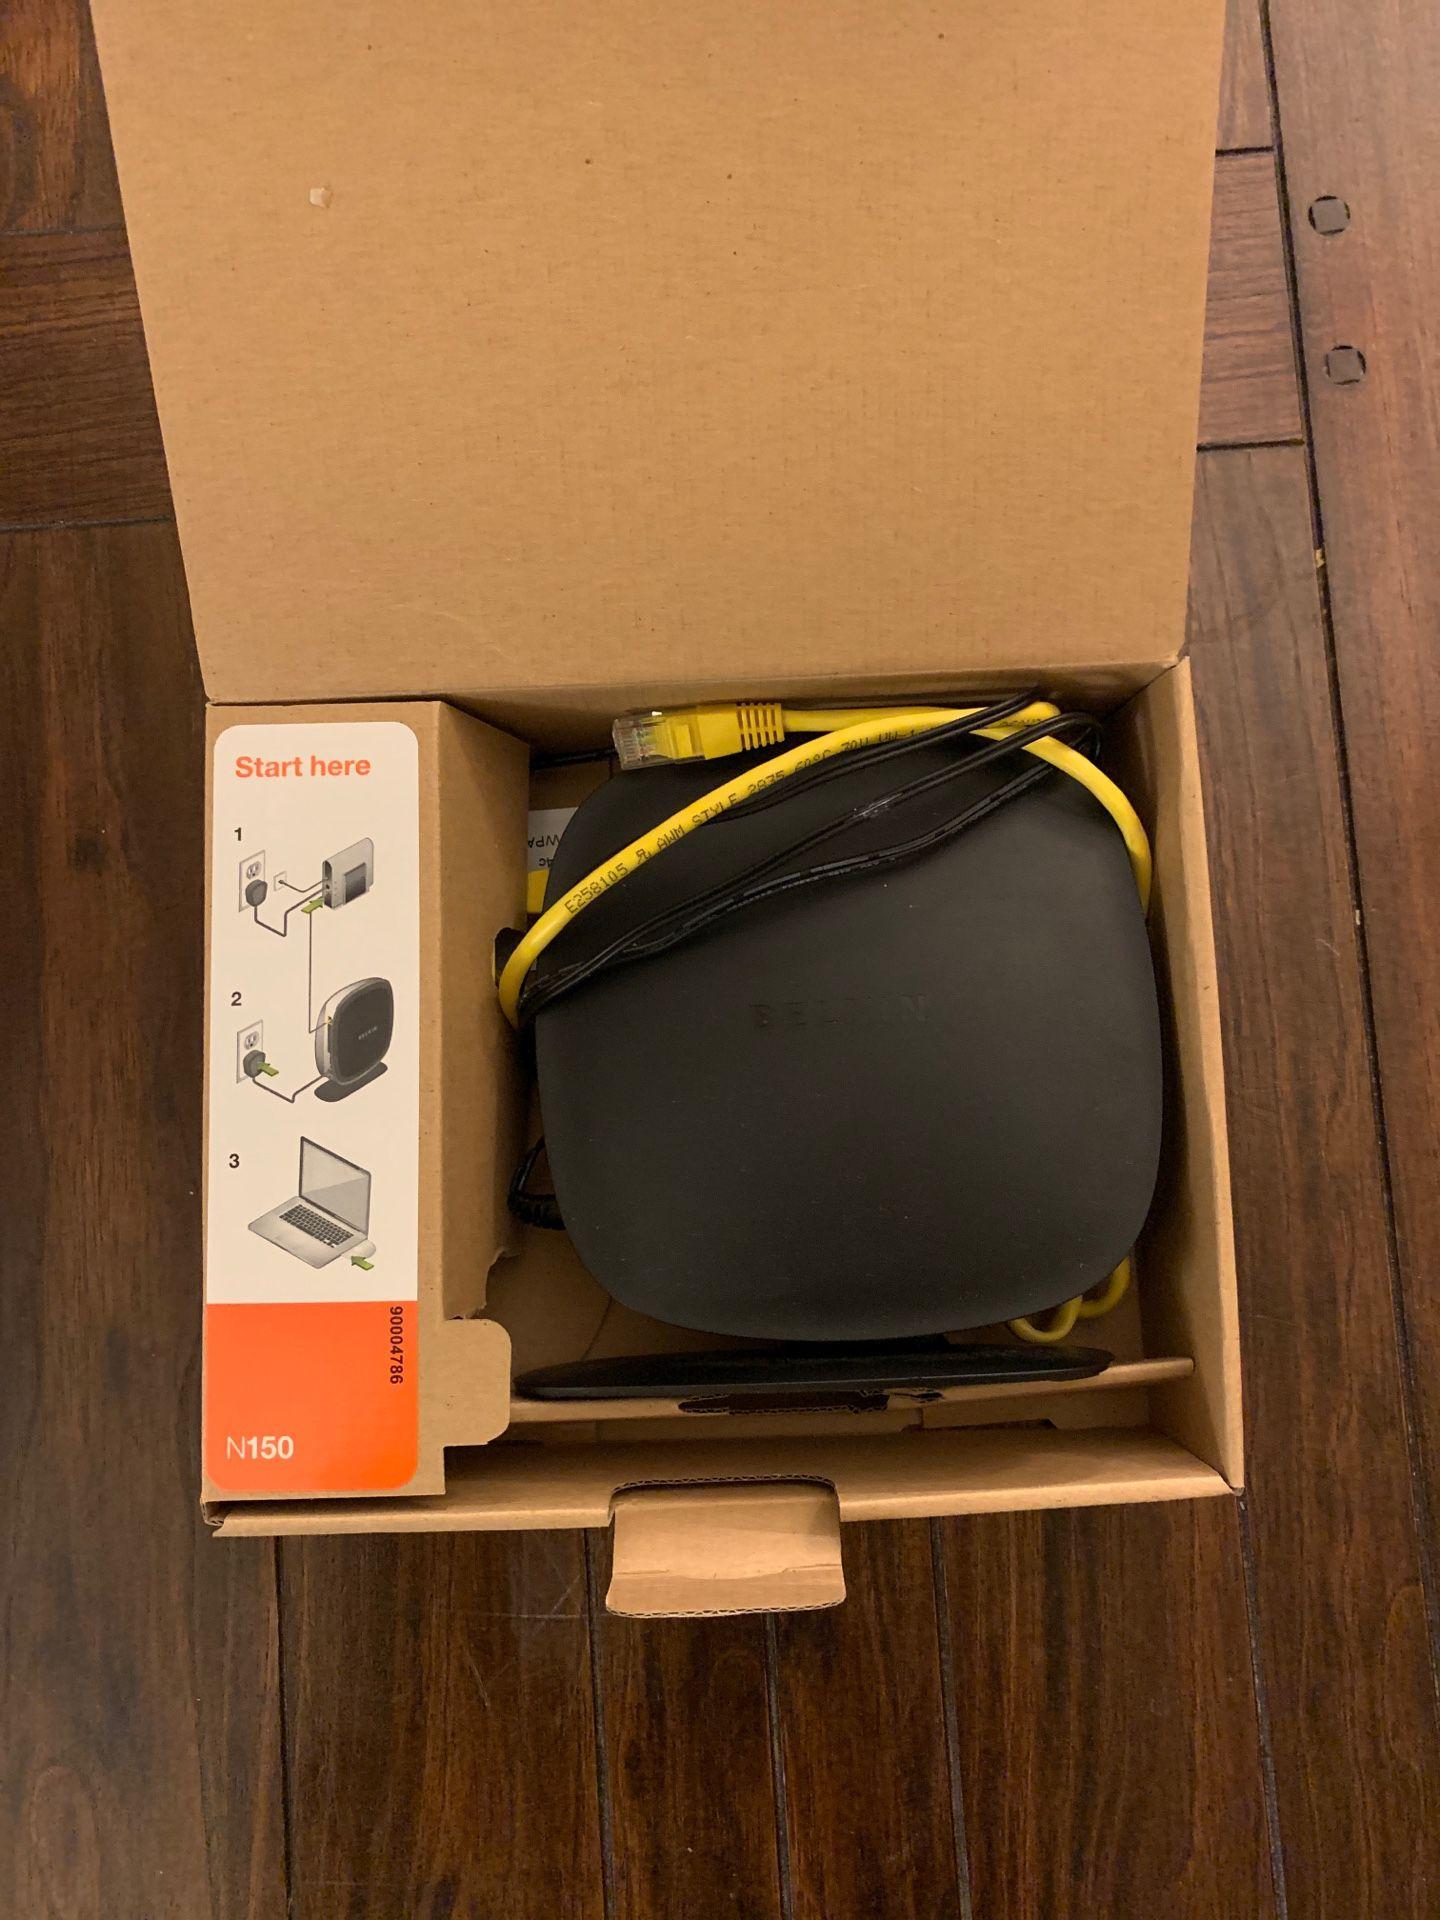 Belkin wireless router N150